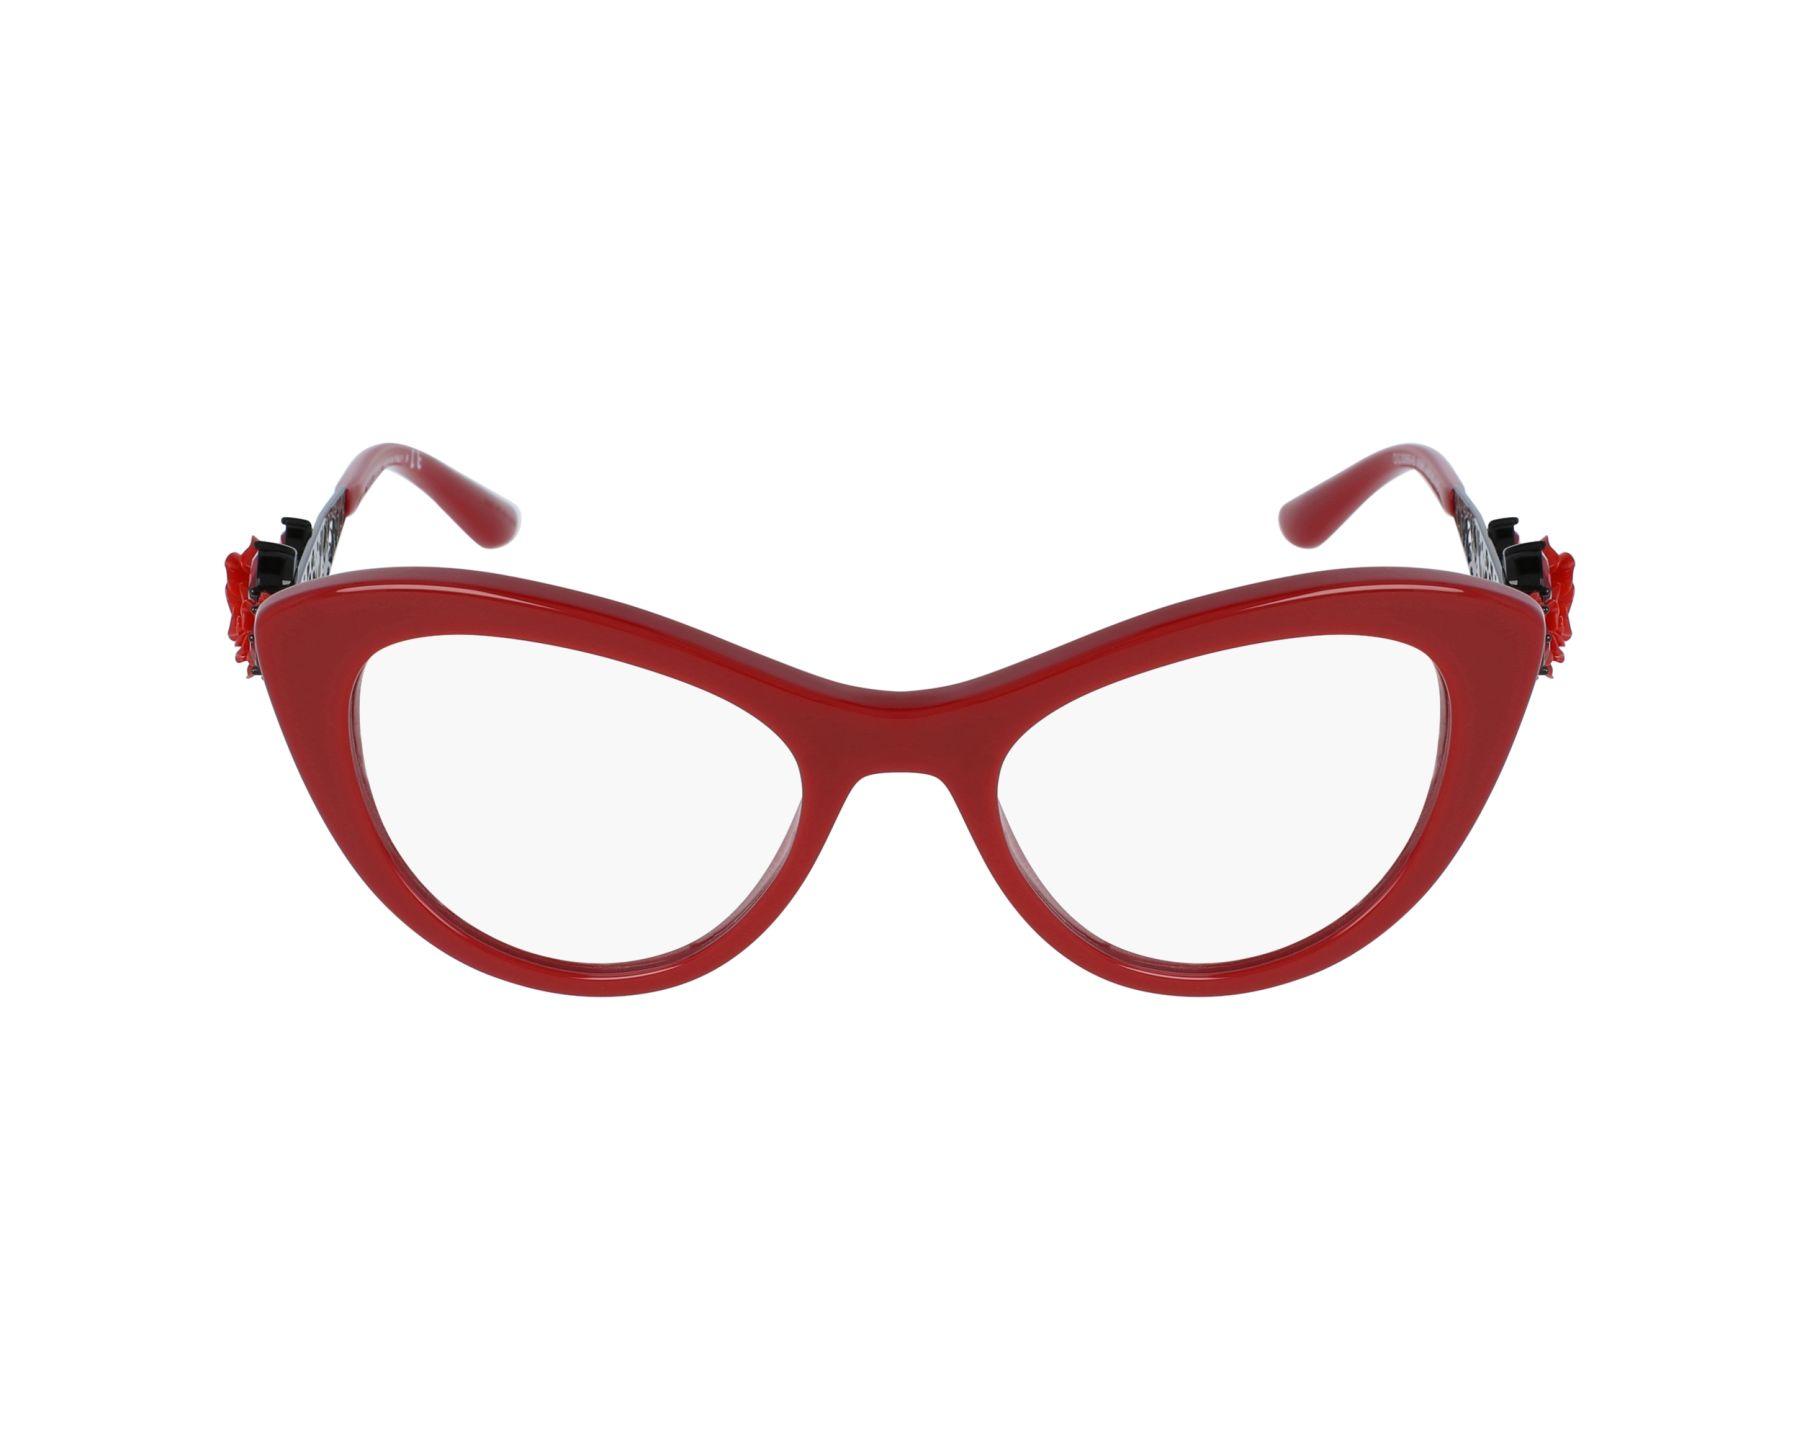 a1b51de0628c thumbnail eyeglasses Dolce & Gabbana DG-3265-B 3088 - Red Black profile view